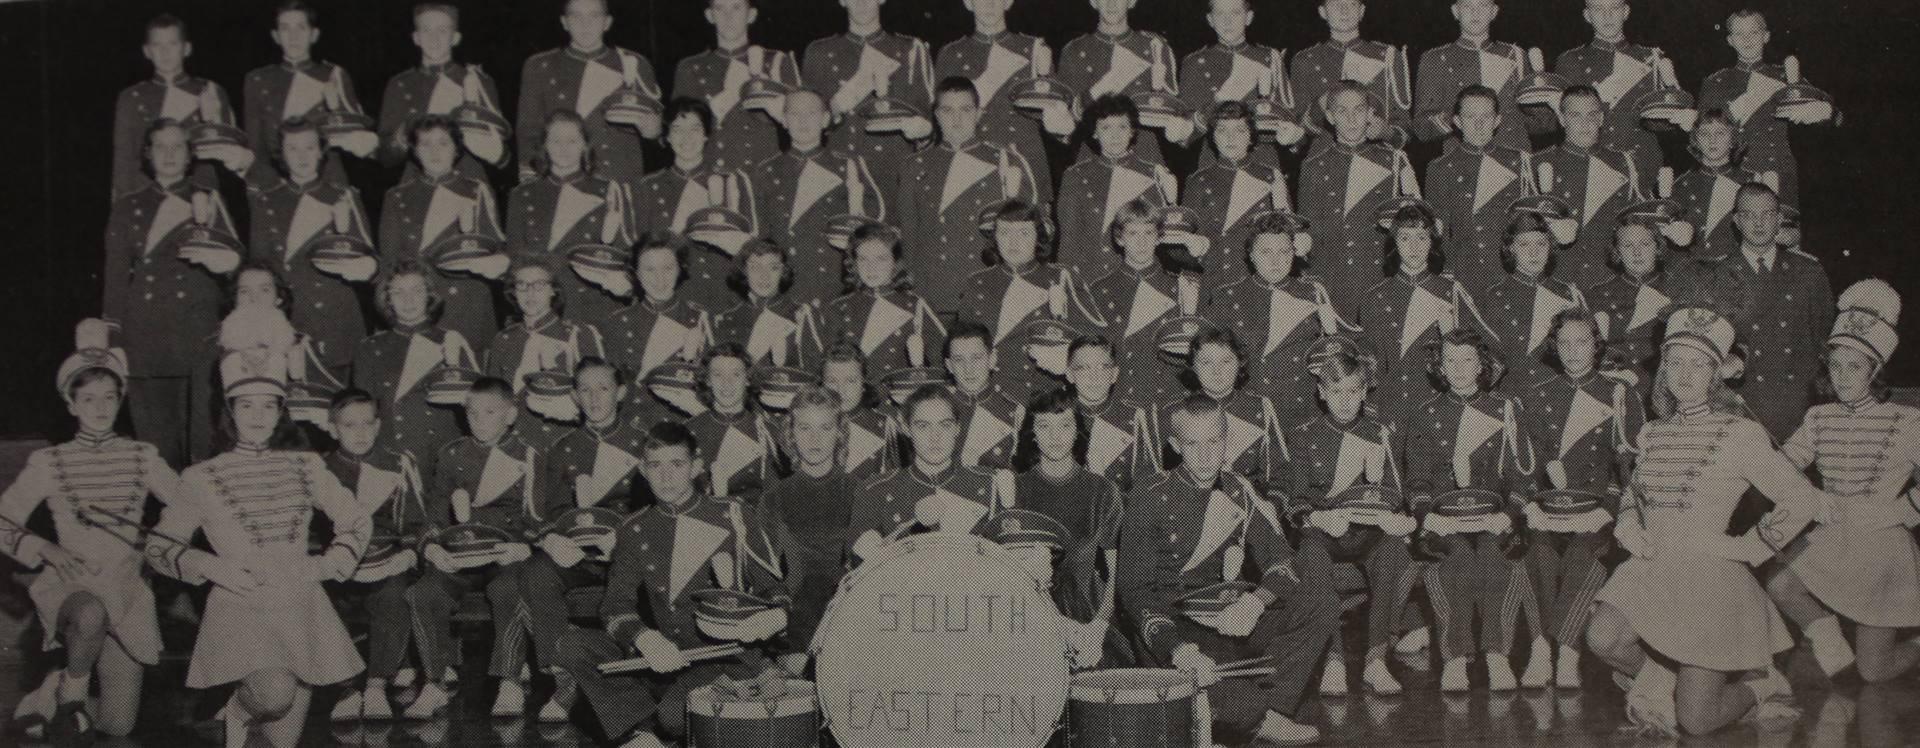 1959 Senior Band